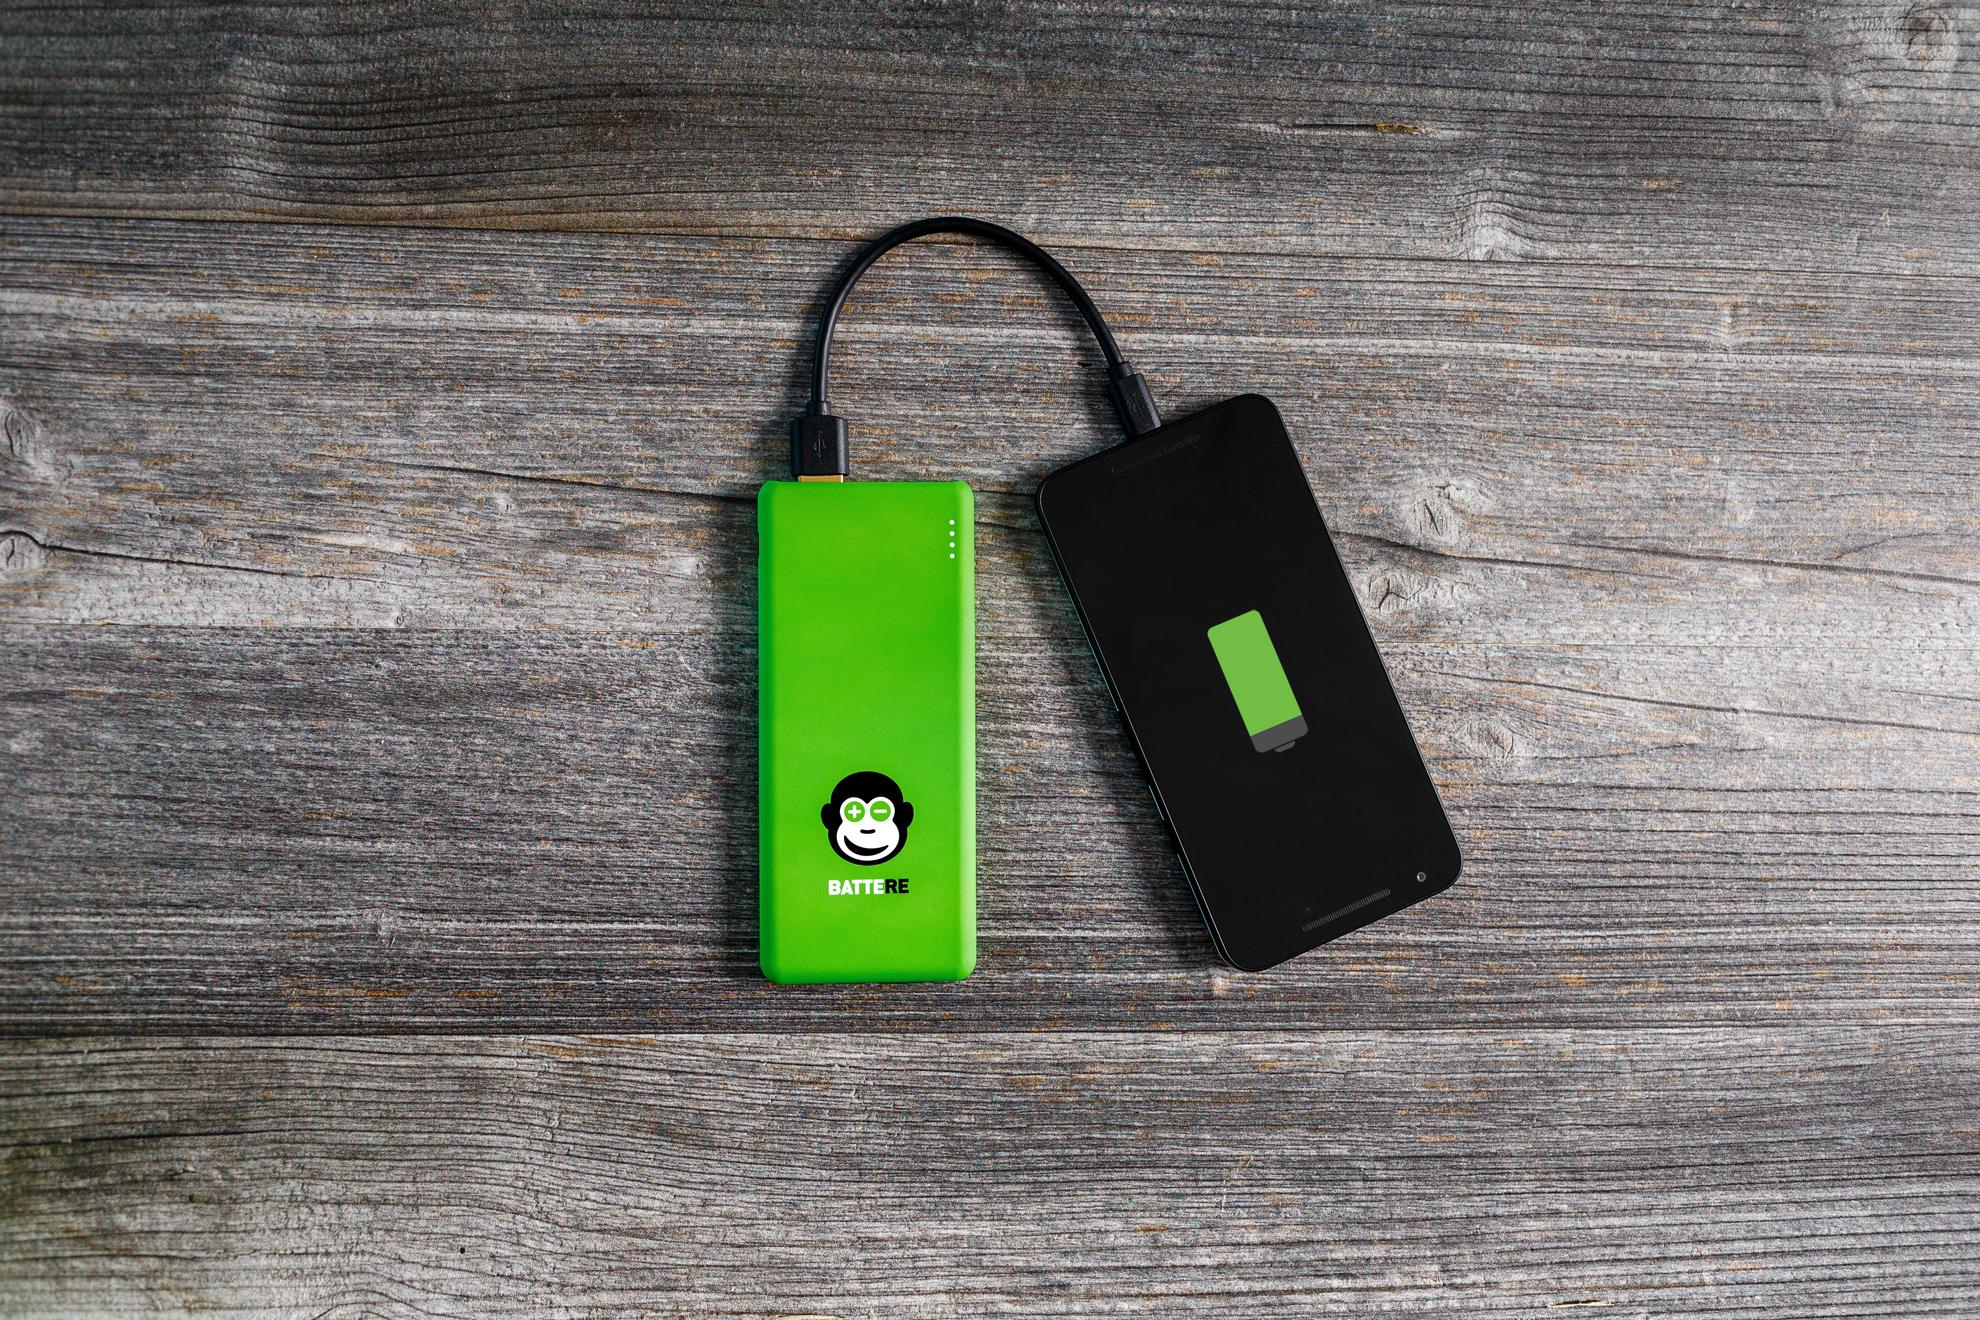 battere-laedt-android-phone-mit-affe-und-ladeanzeige